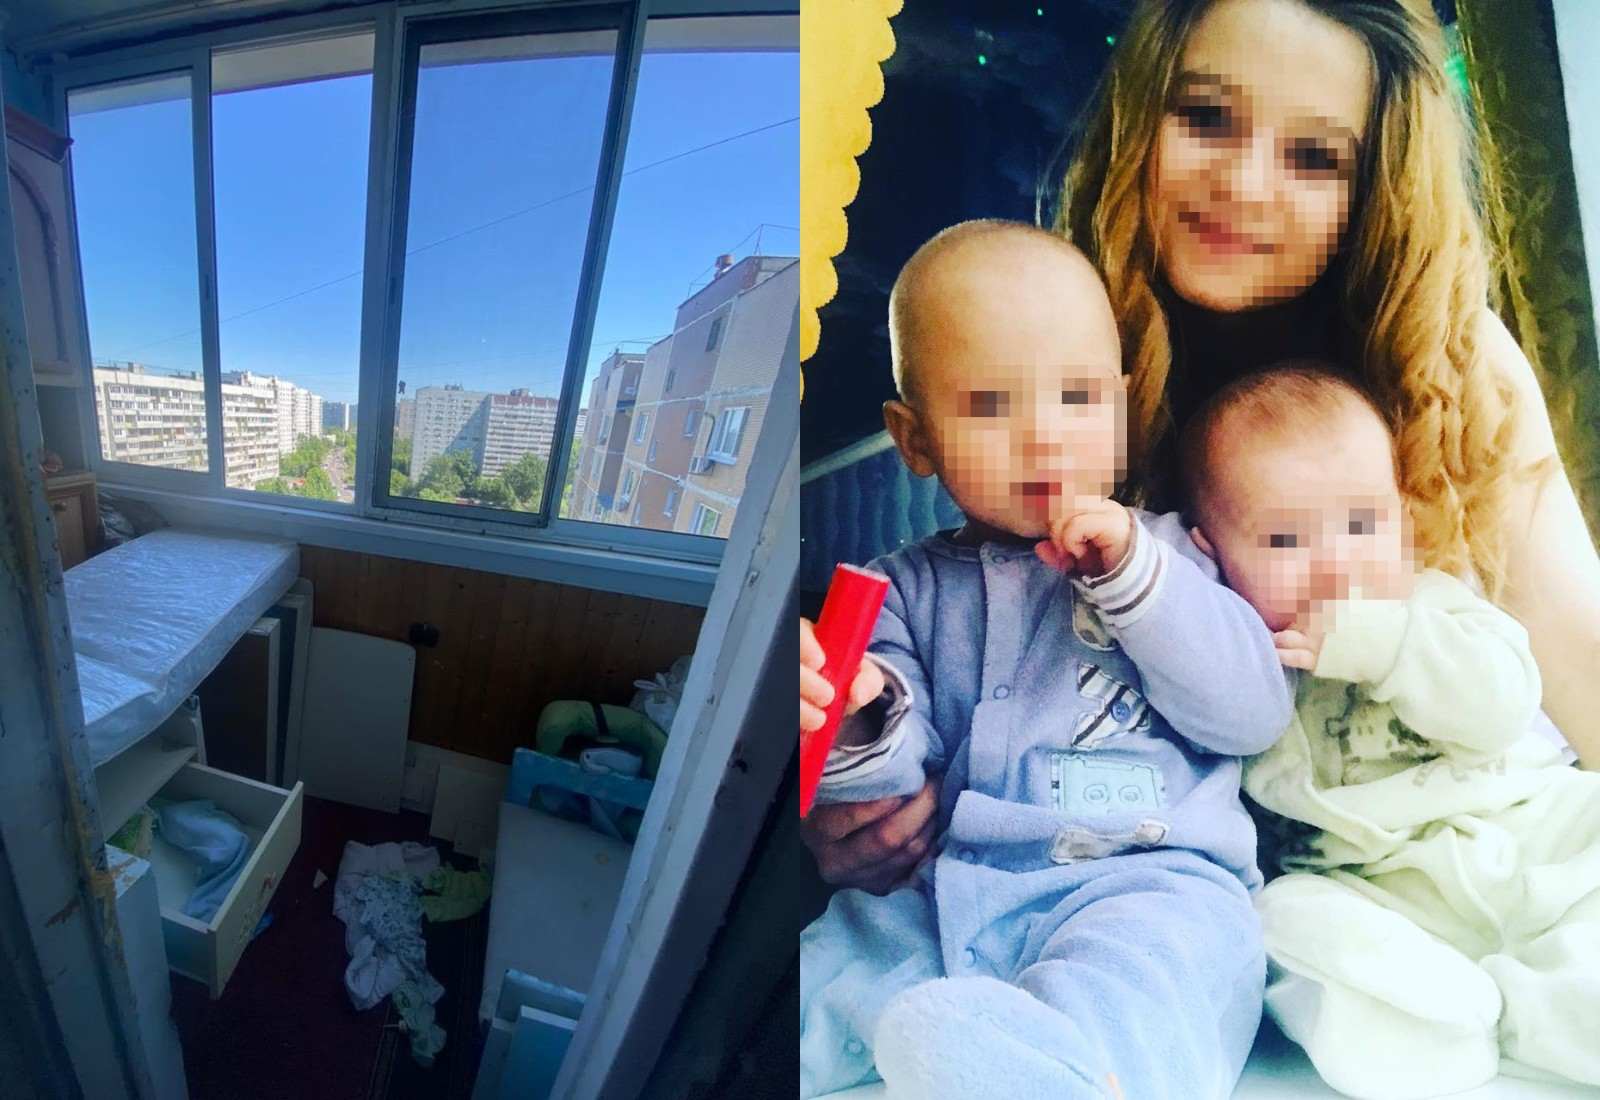 Un copil a căzut de la etajul 14 al unui bloc din Rusia. Mama micuțului era în casă, beată